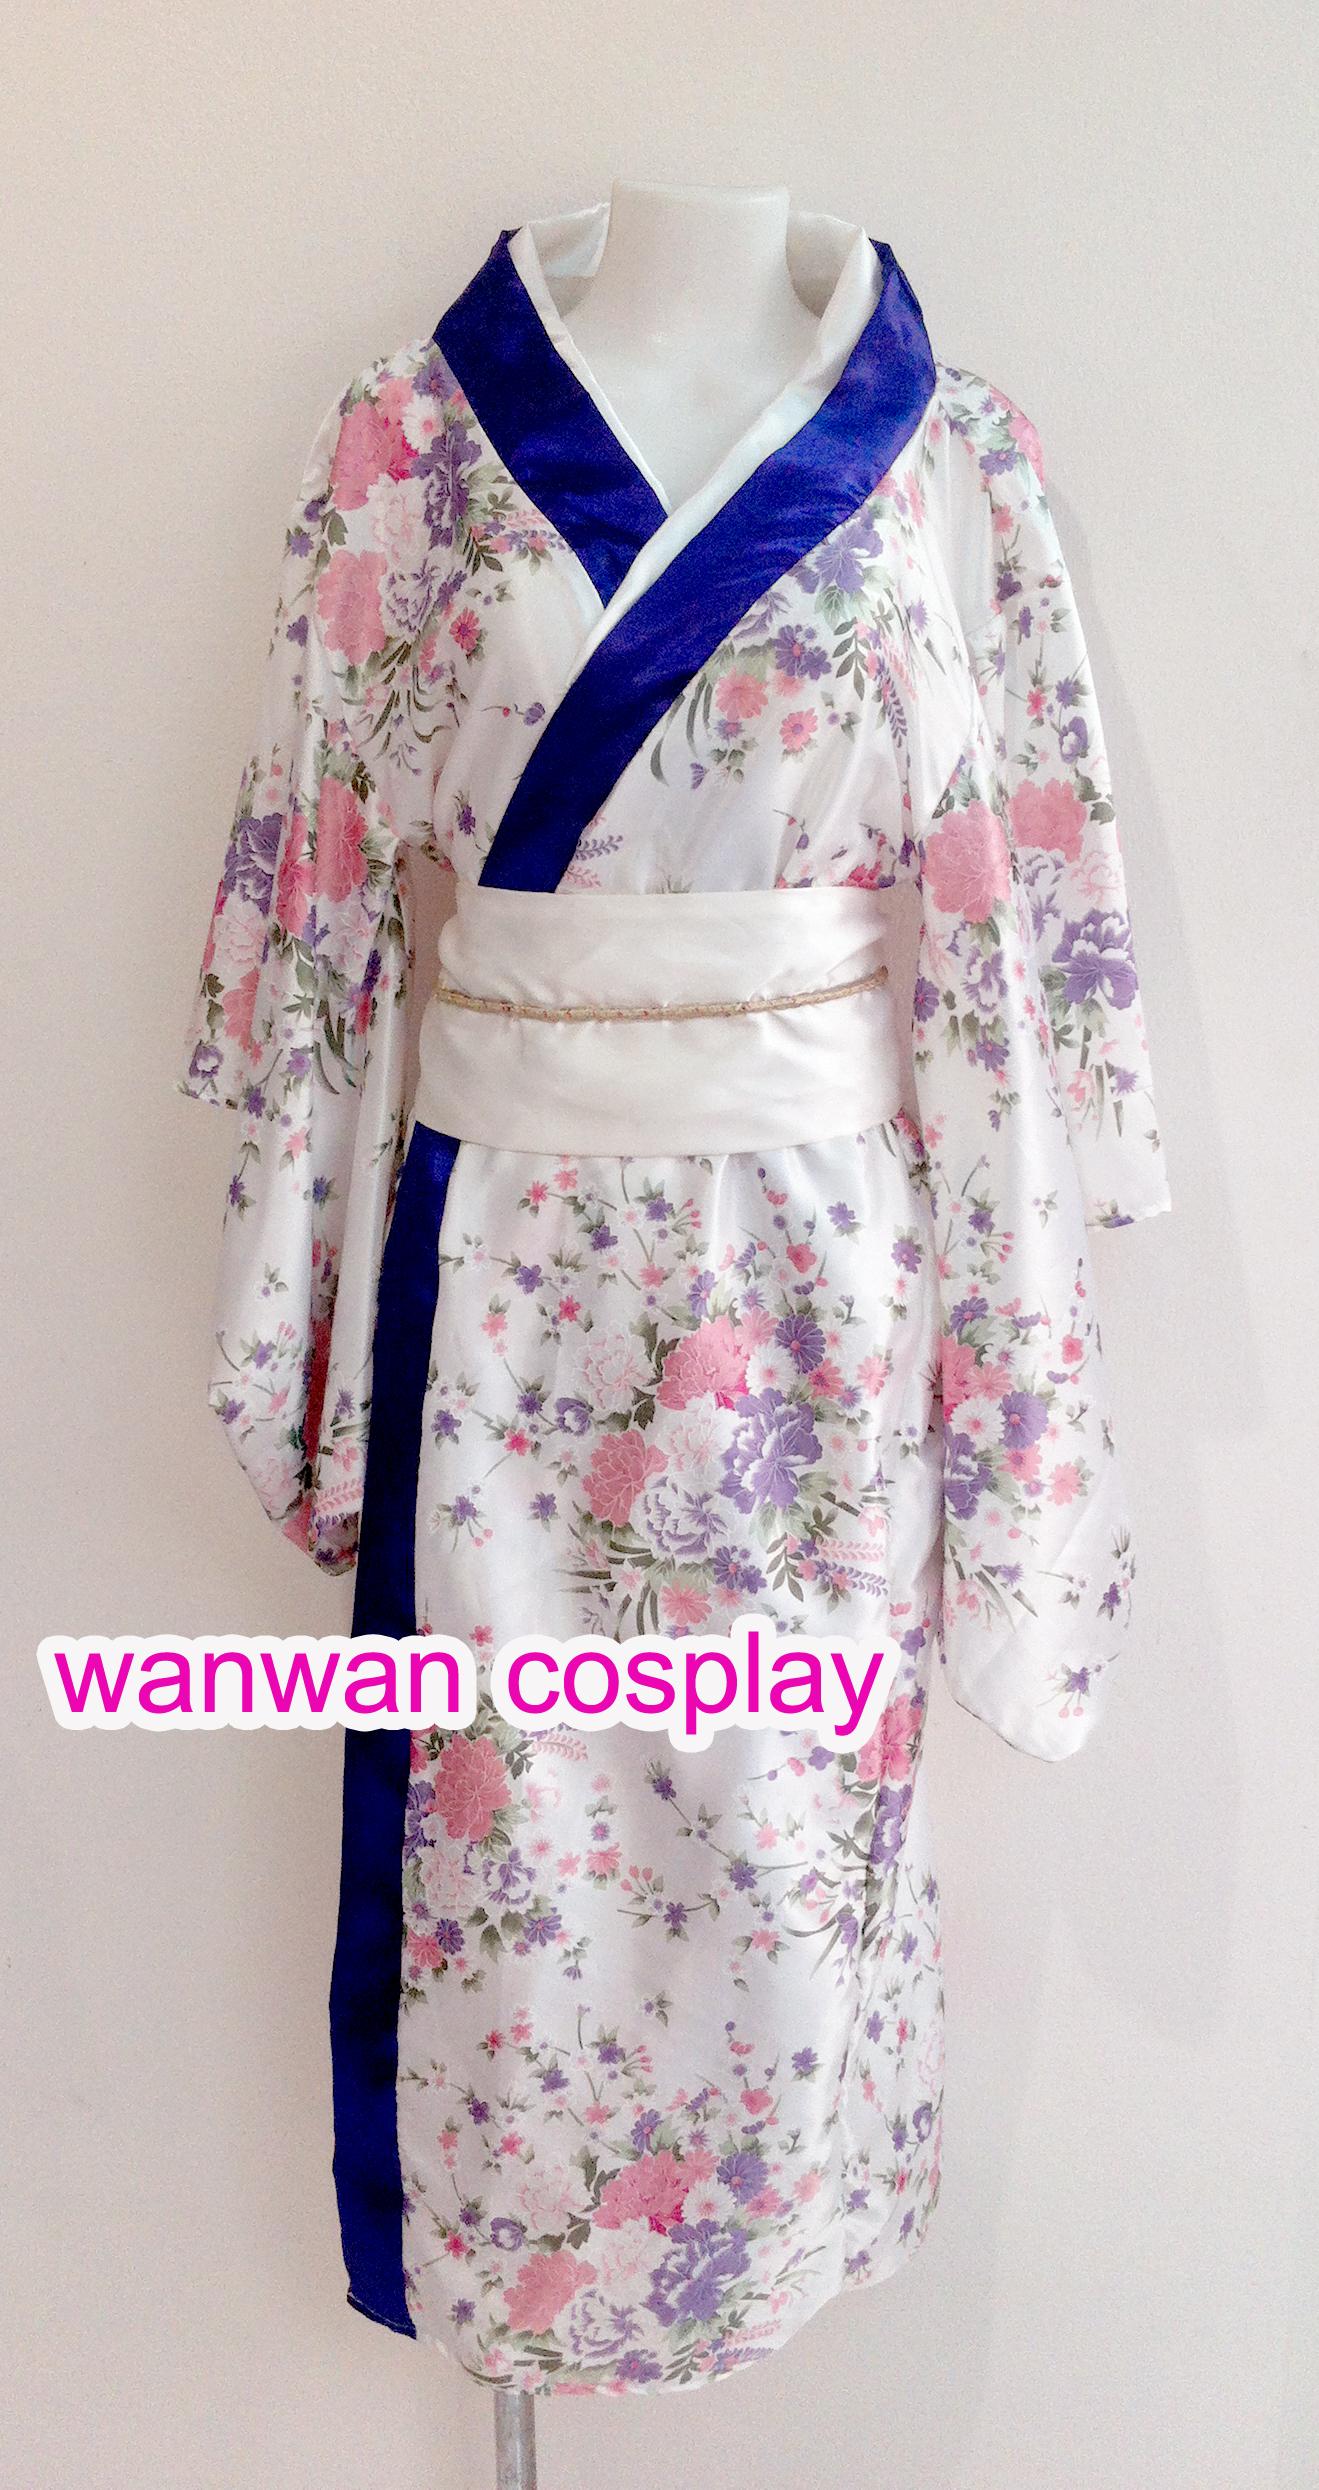 เช่าชุดยูกาตะ ชุดกิโมโน ชุดญี่ปุ่น ชุดซามูไร ชุดประจำชาติ ชุดการ์ตูน 094-920-9400